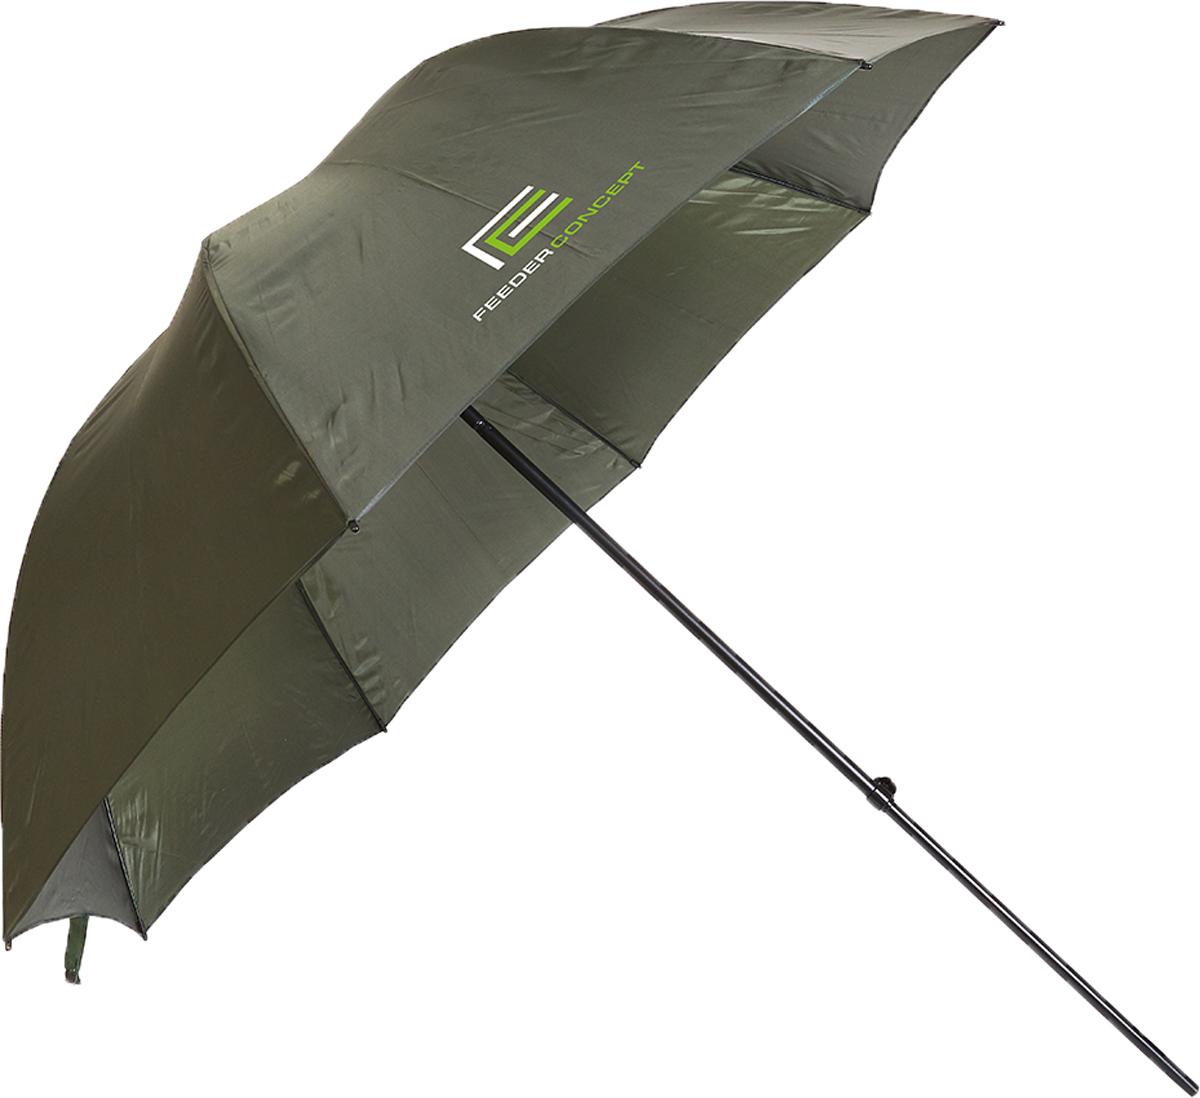 Зонт рыболовный Feeder Concept LancasterFC-10903Большой рыболовный зонт. Регулируемый угол наклона зонта. Стальной каркас с покрытием. Наружный размер 220х190 см, транспортный размер 120х8х8см. Вес 2 кг.